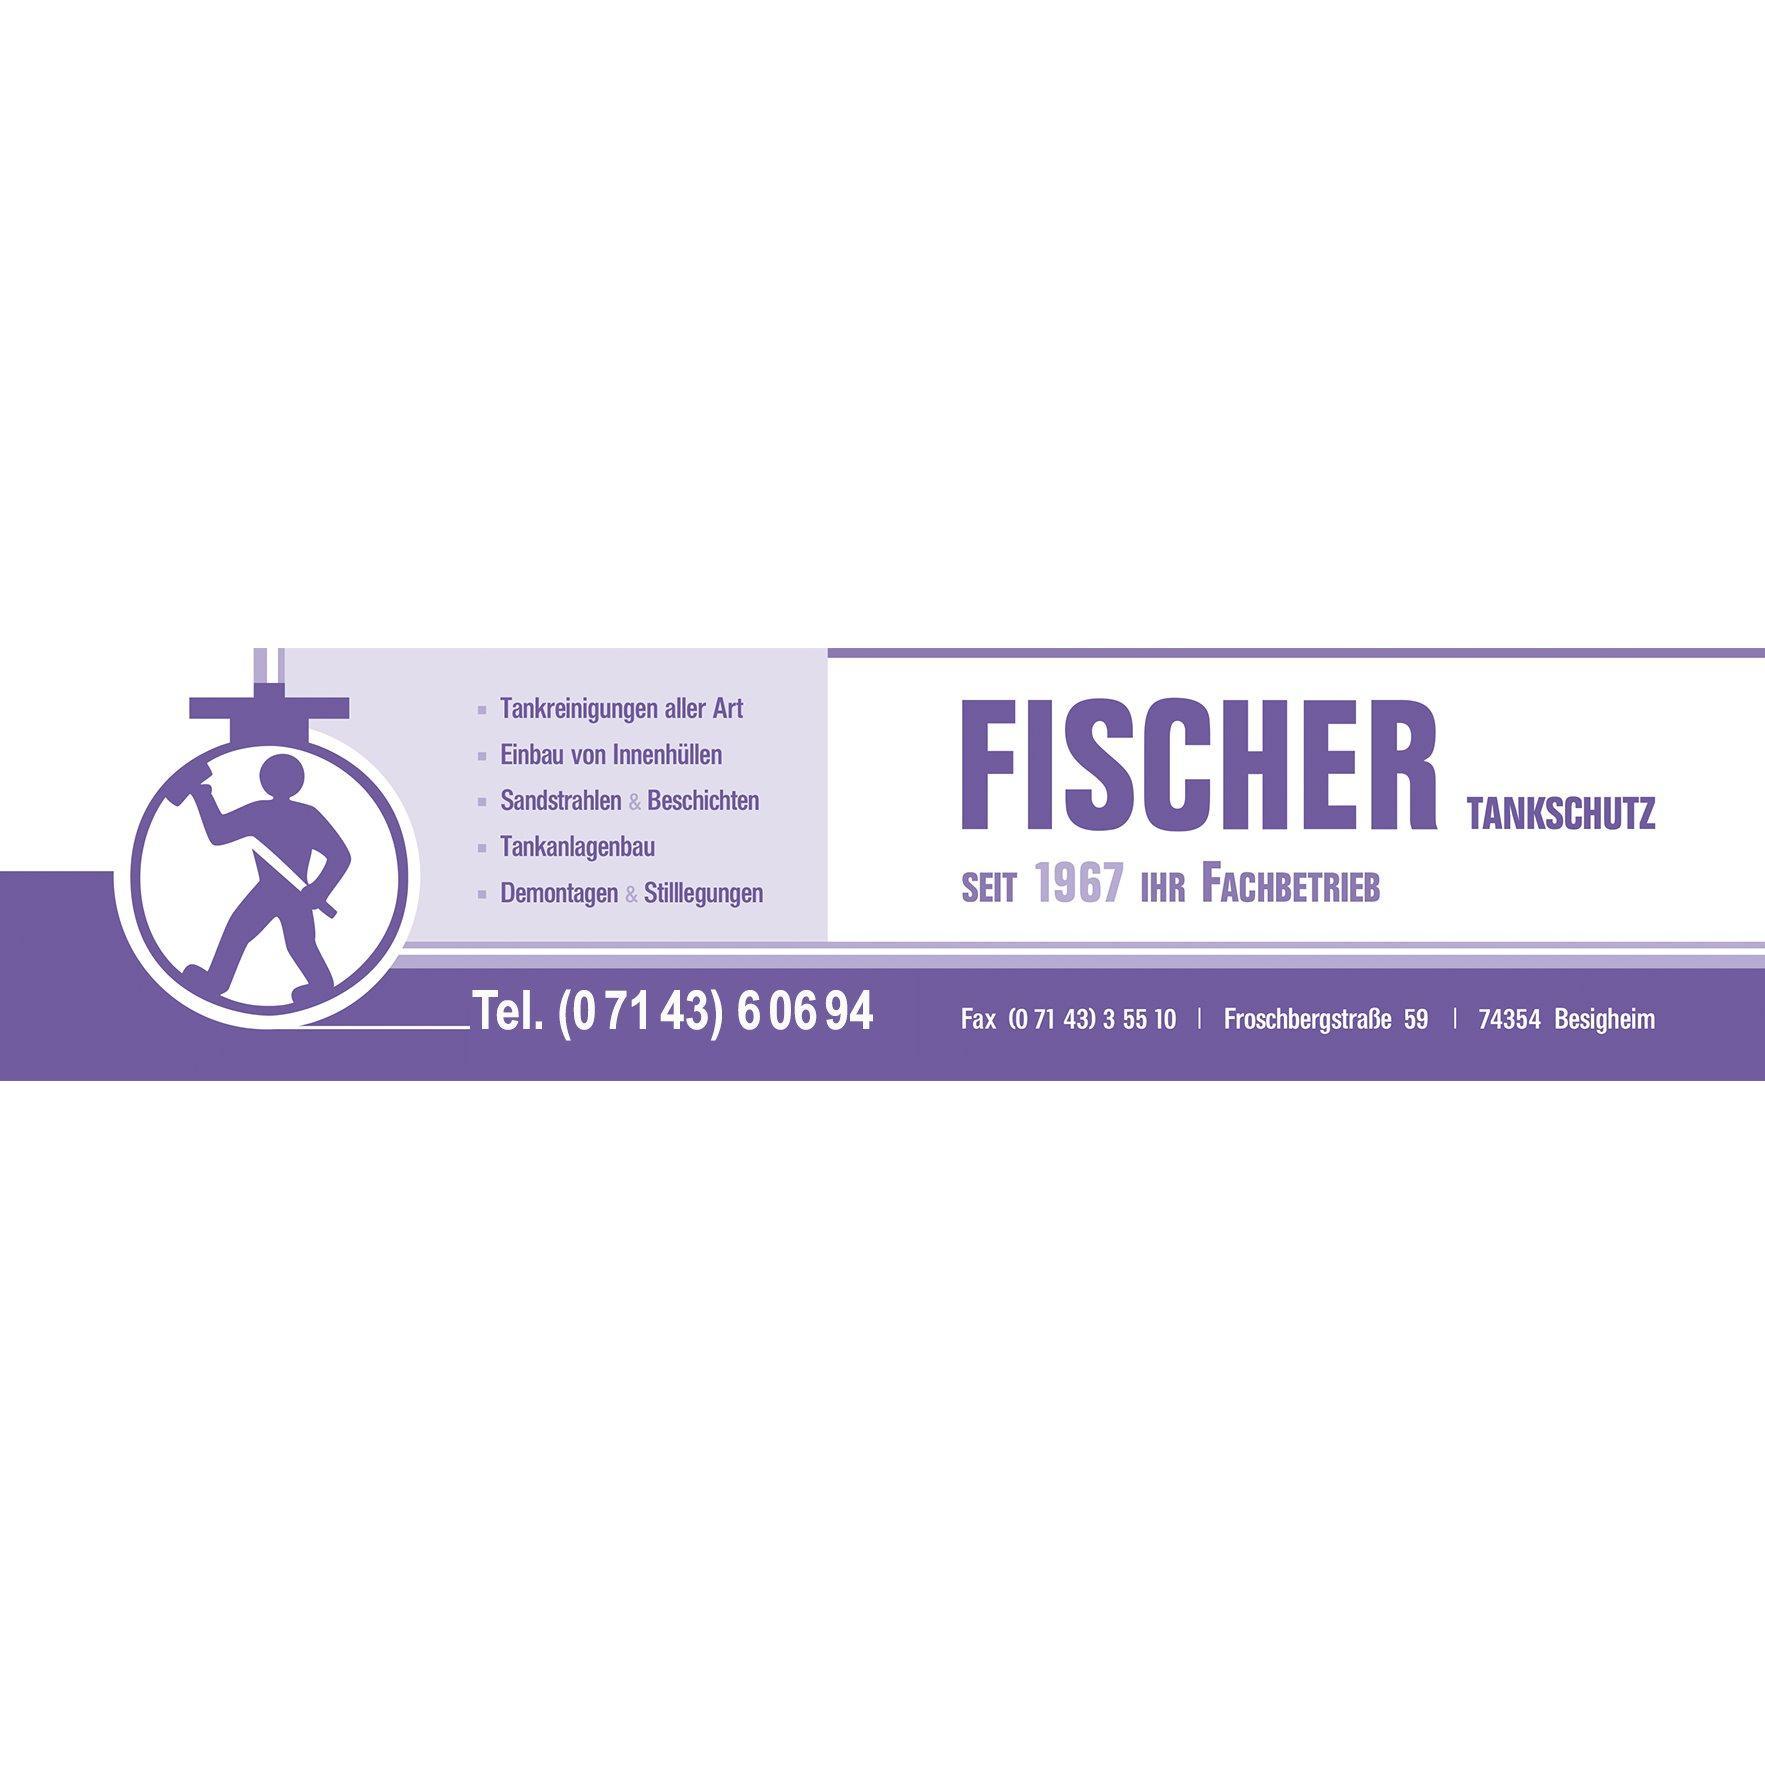 Bild zu Fischer Tankschutz in Besigheim